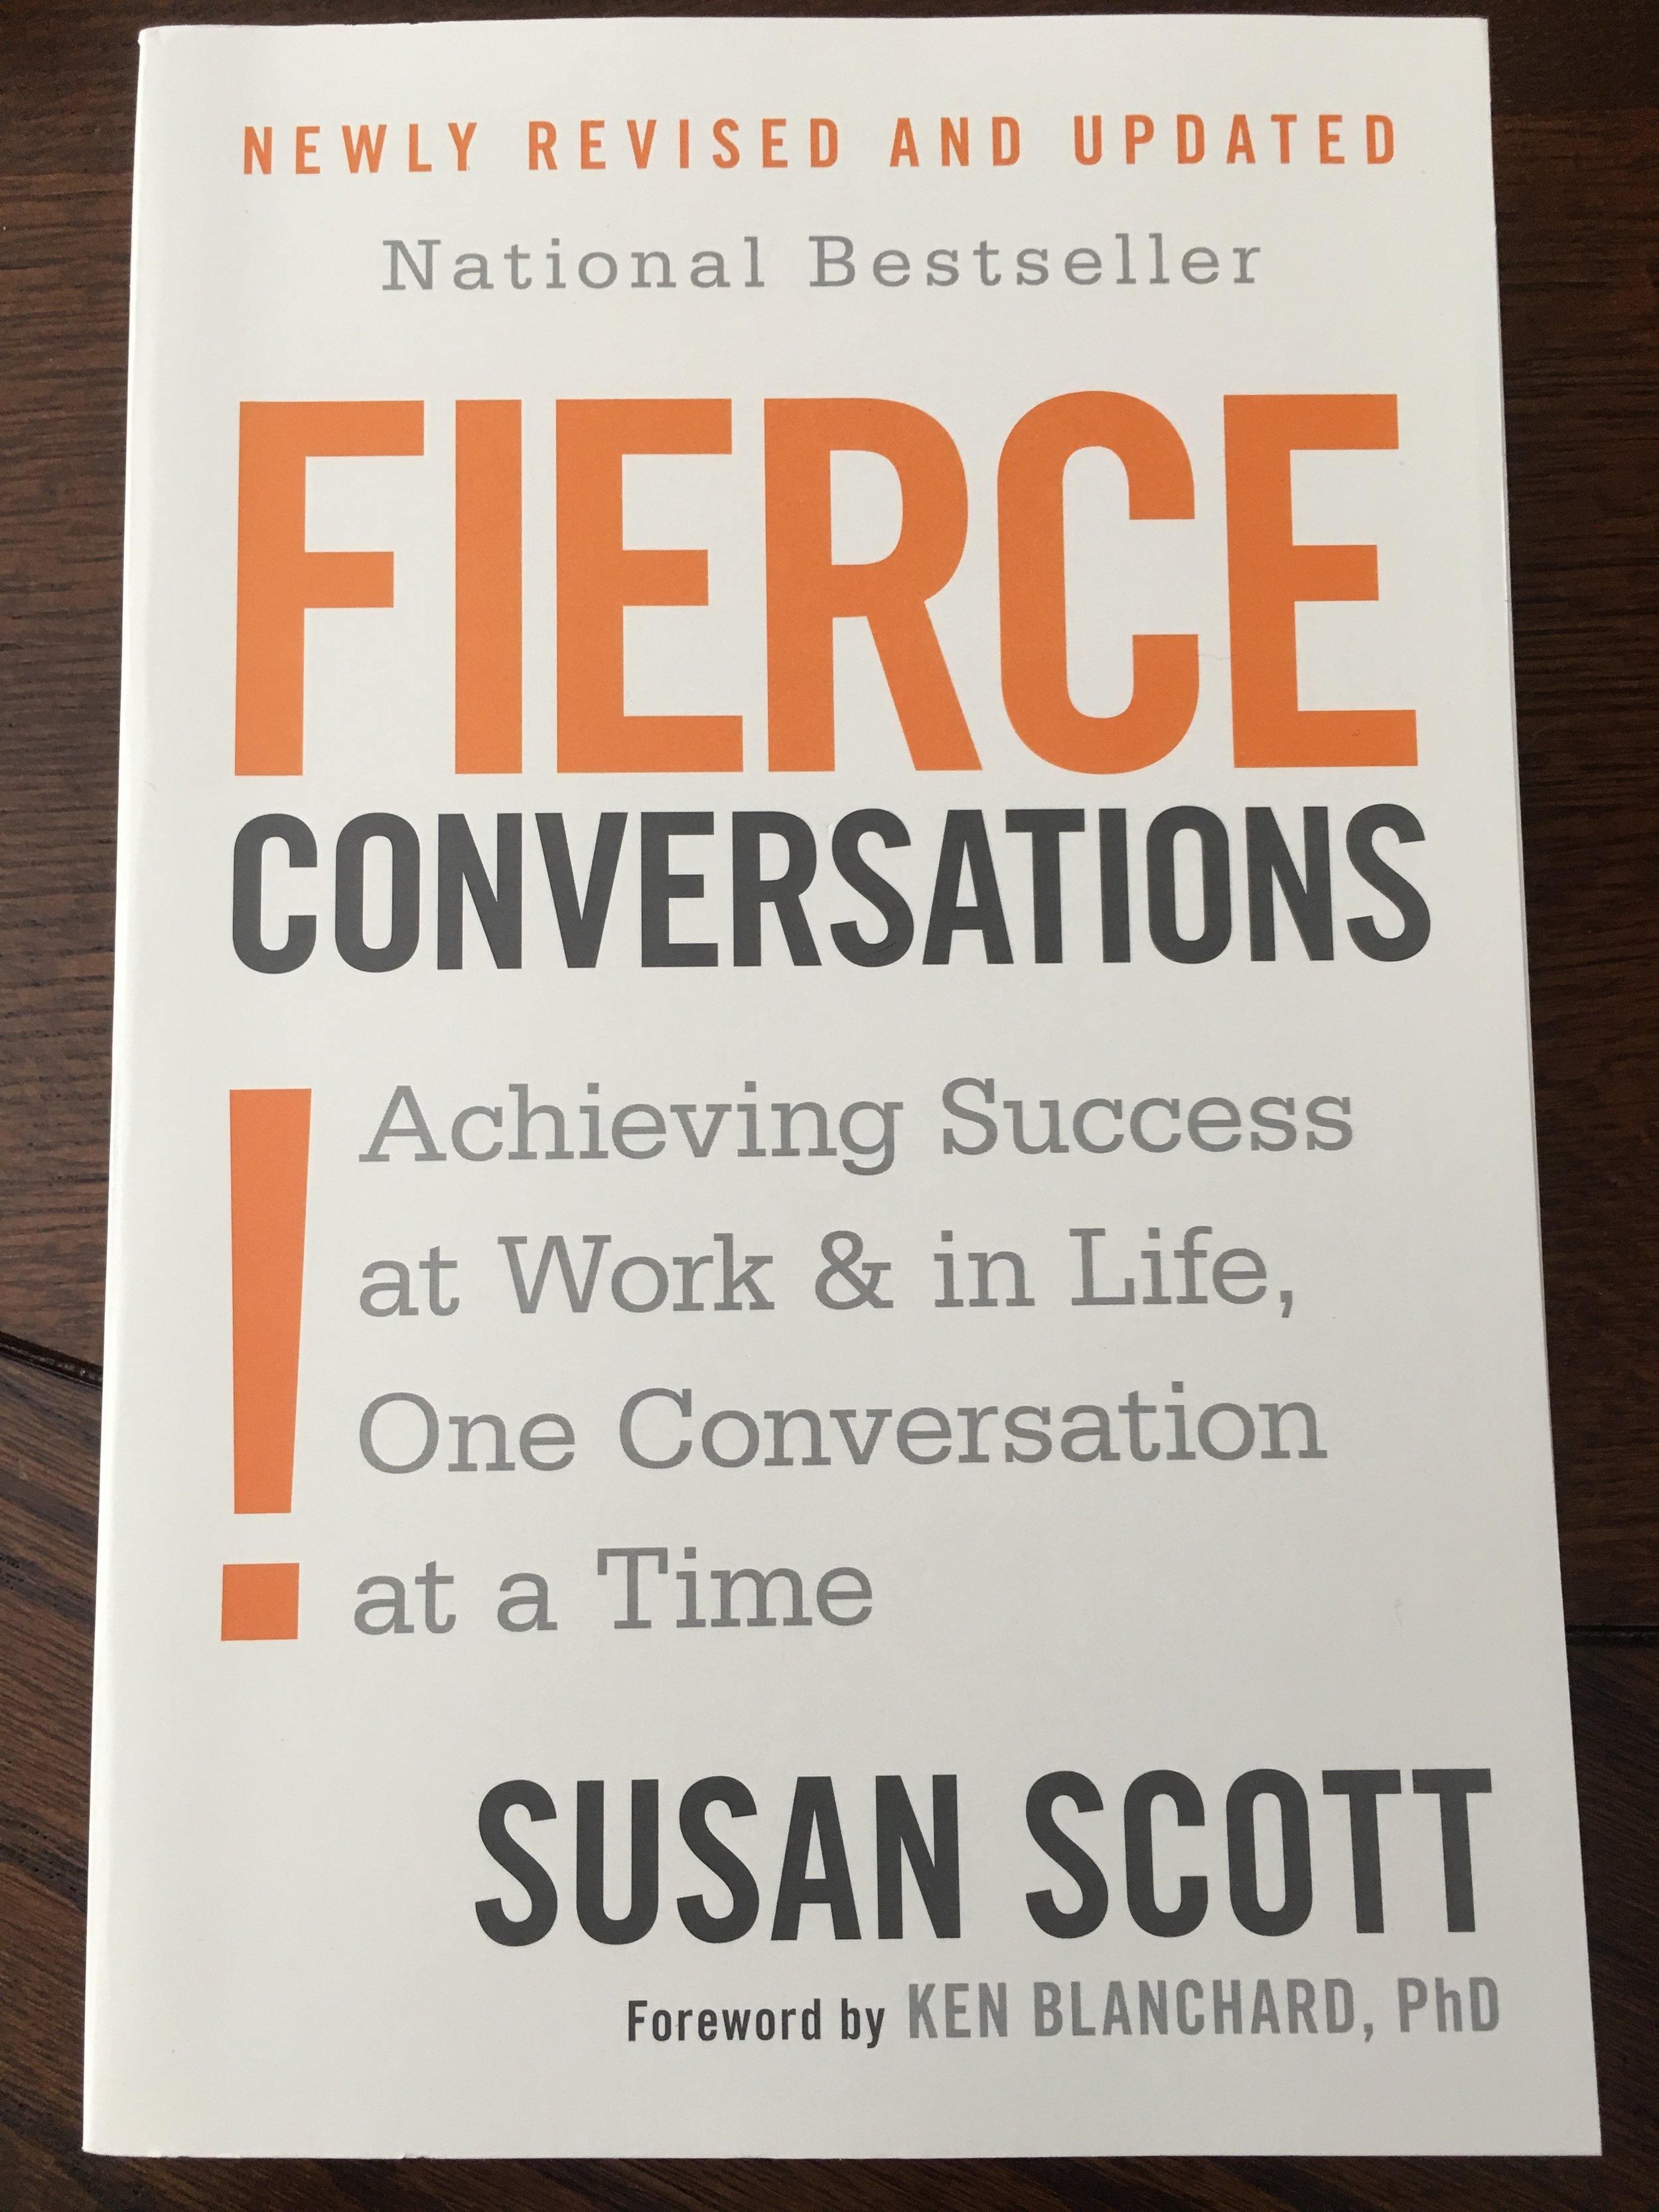 Book Fierce Conversations.JPG